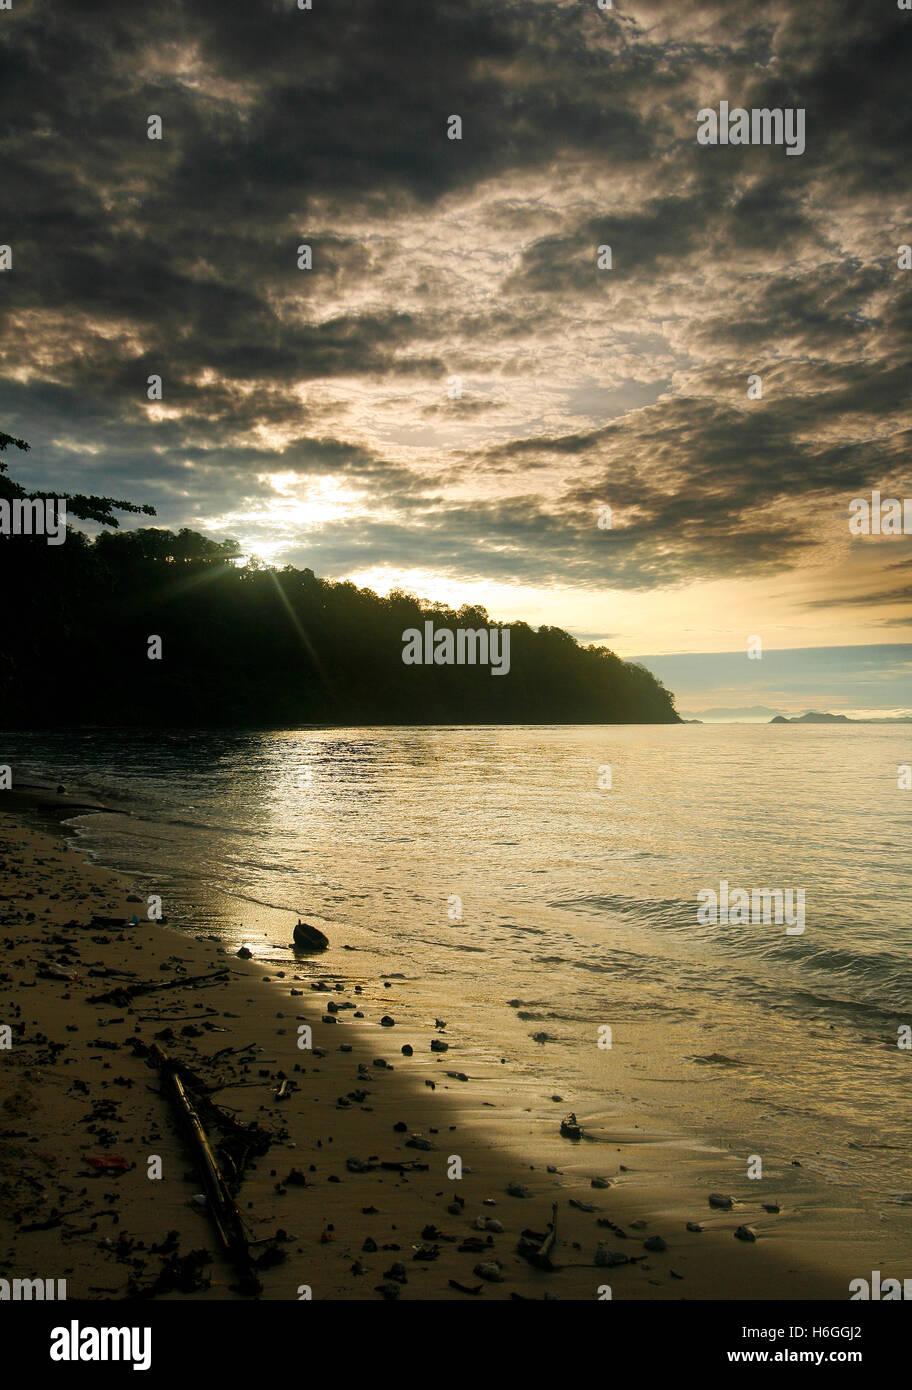 uninhabited island. Sulawesi, Indonesia - Stock Image